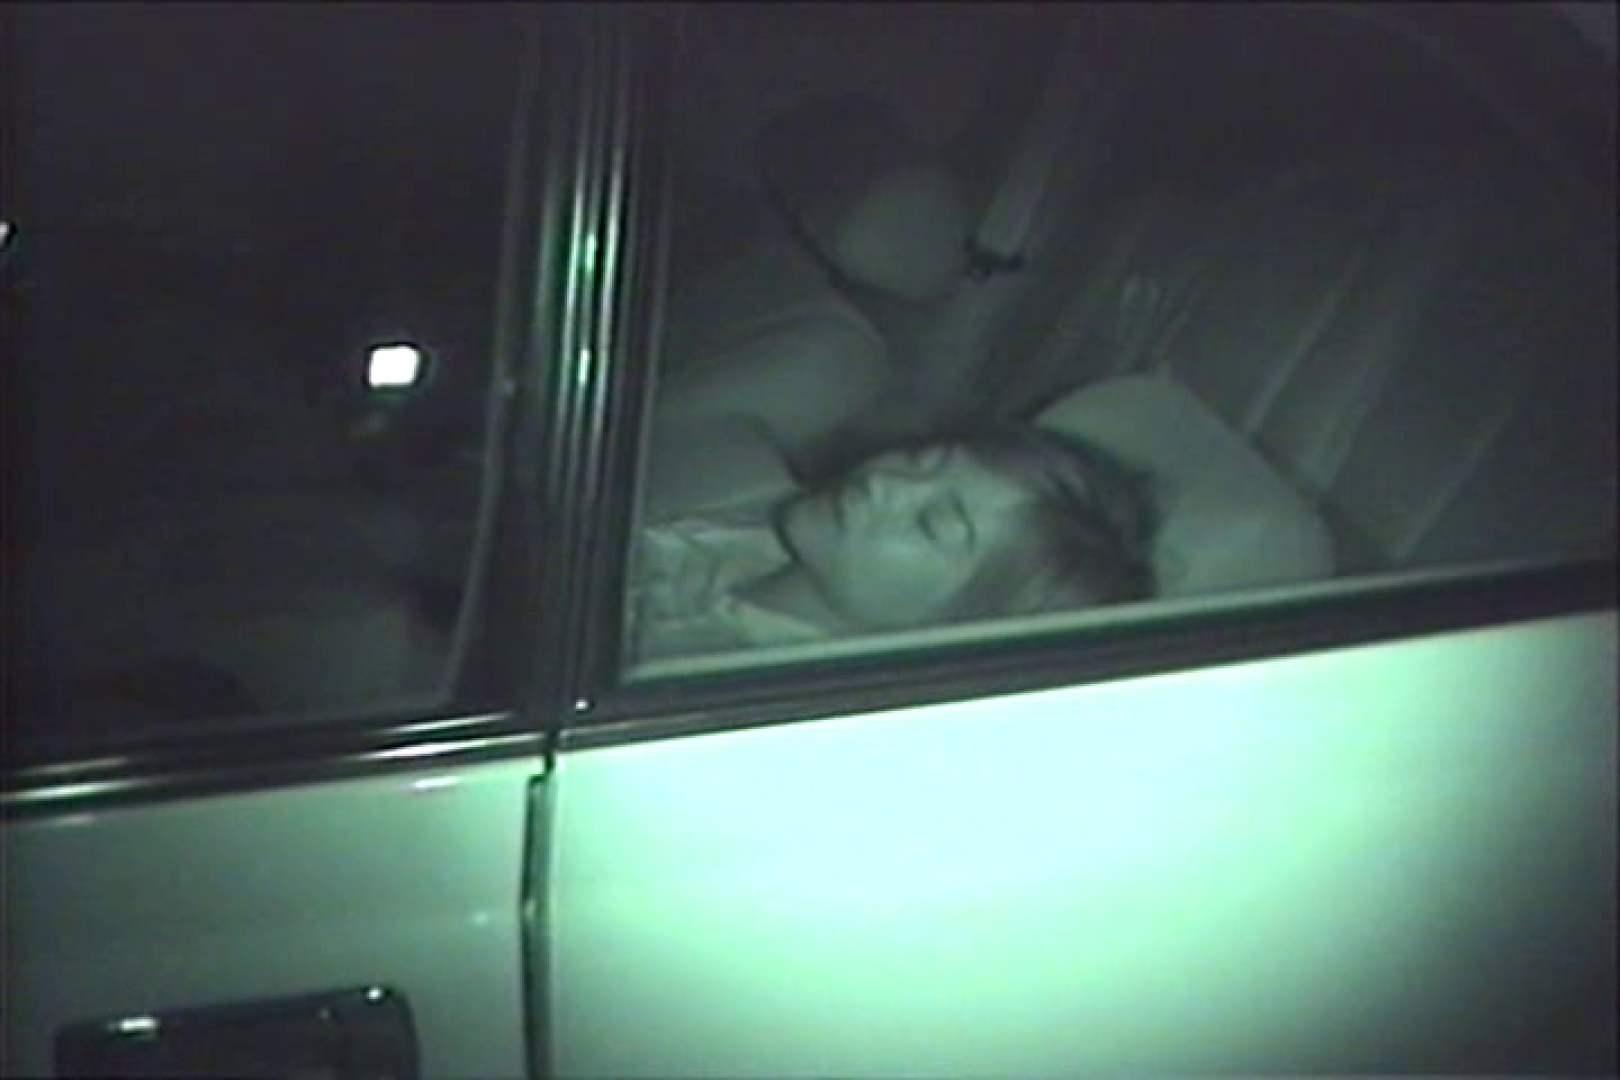 車の中はラブホテル 無修正版  Vol.18 カップル記念日 おまんこ動画流出 80連発 10